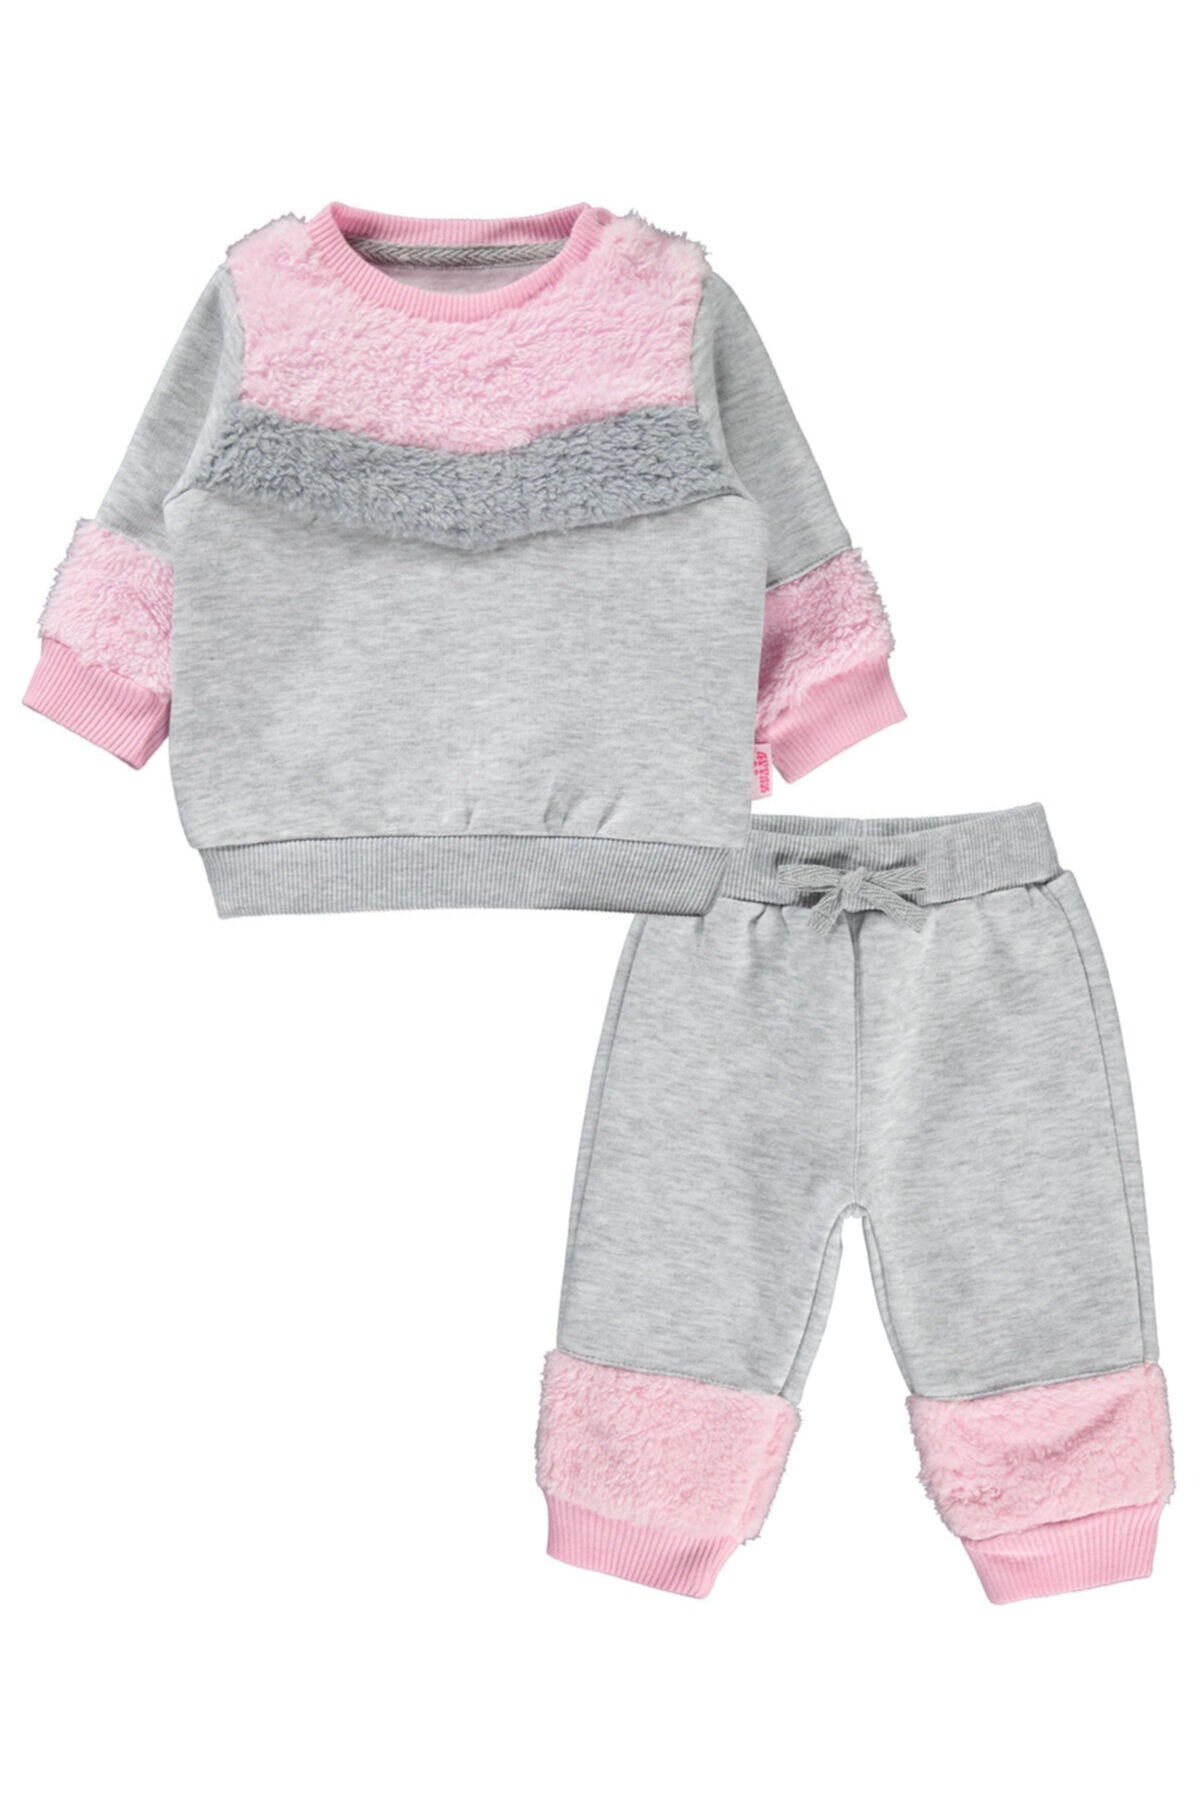 Kız Bebek Takım 6-18 Ay Karmelanj